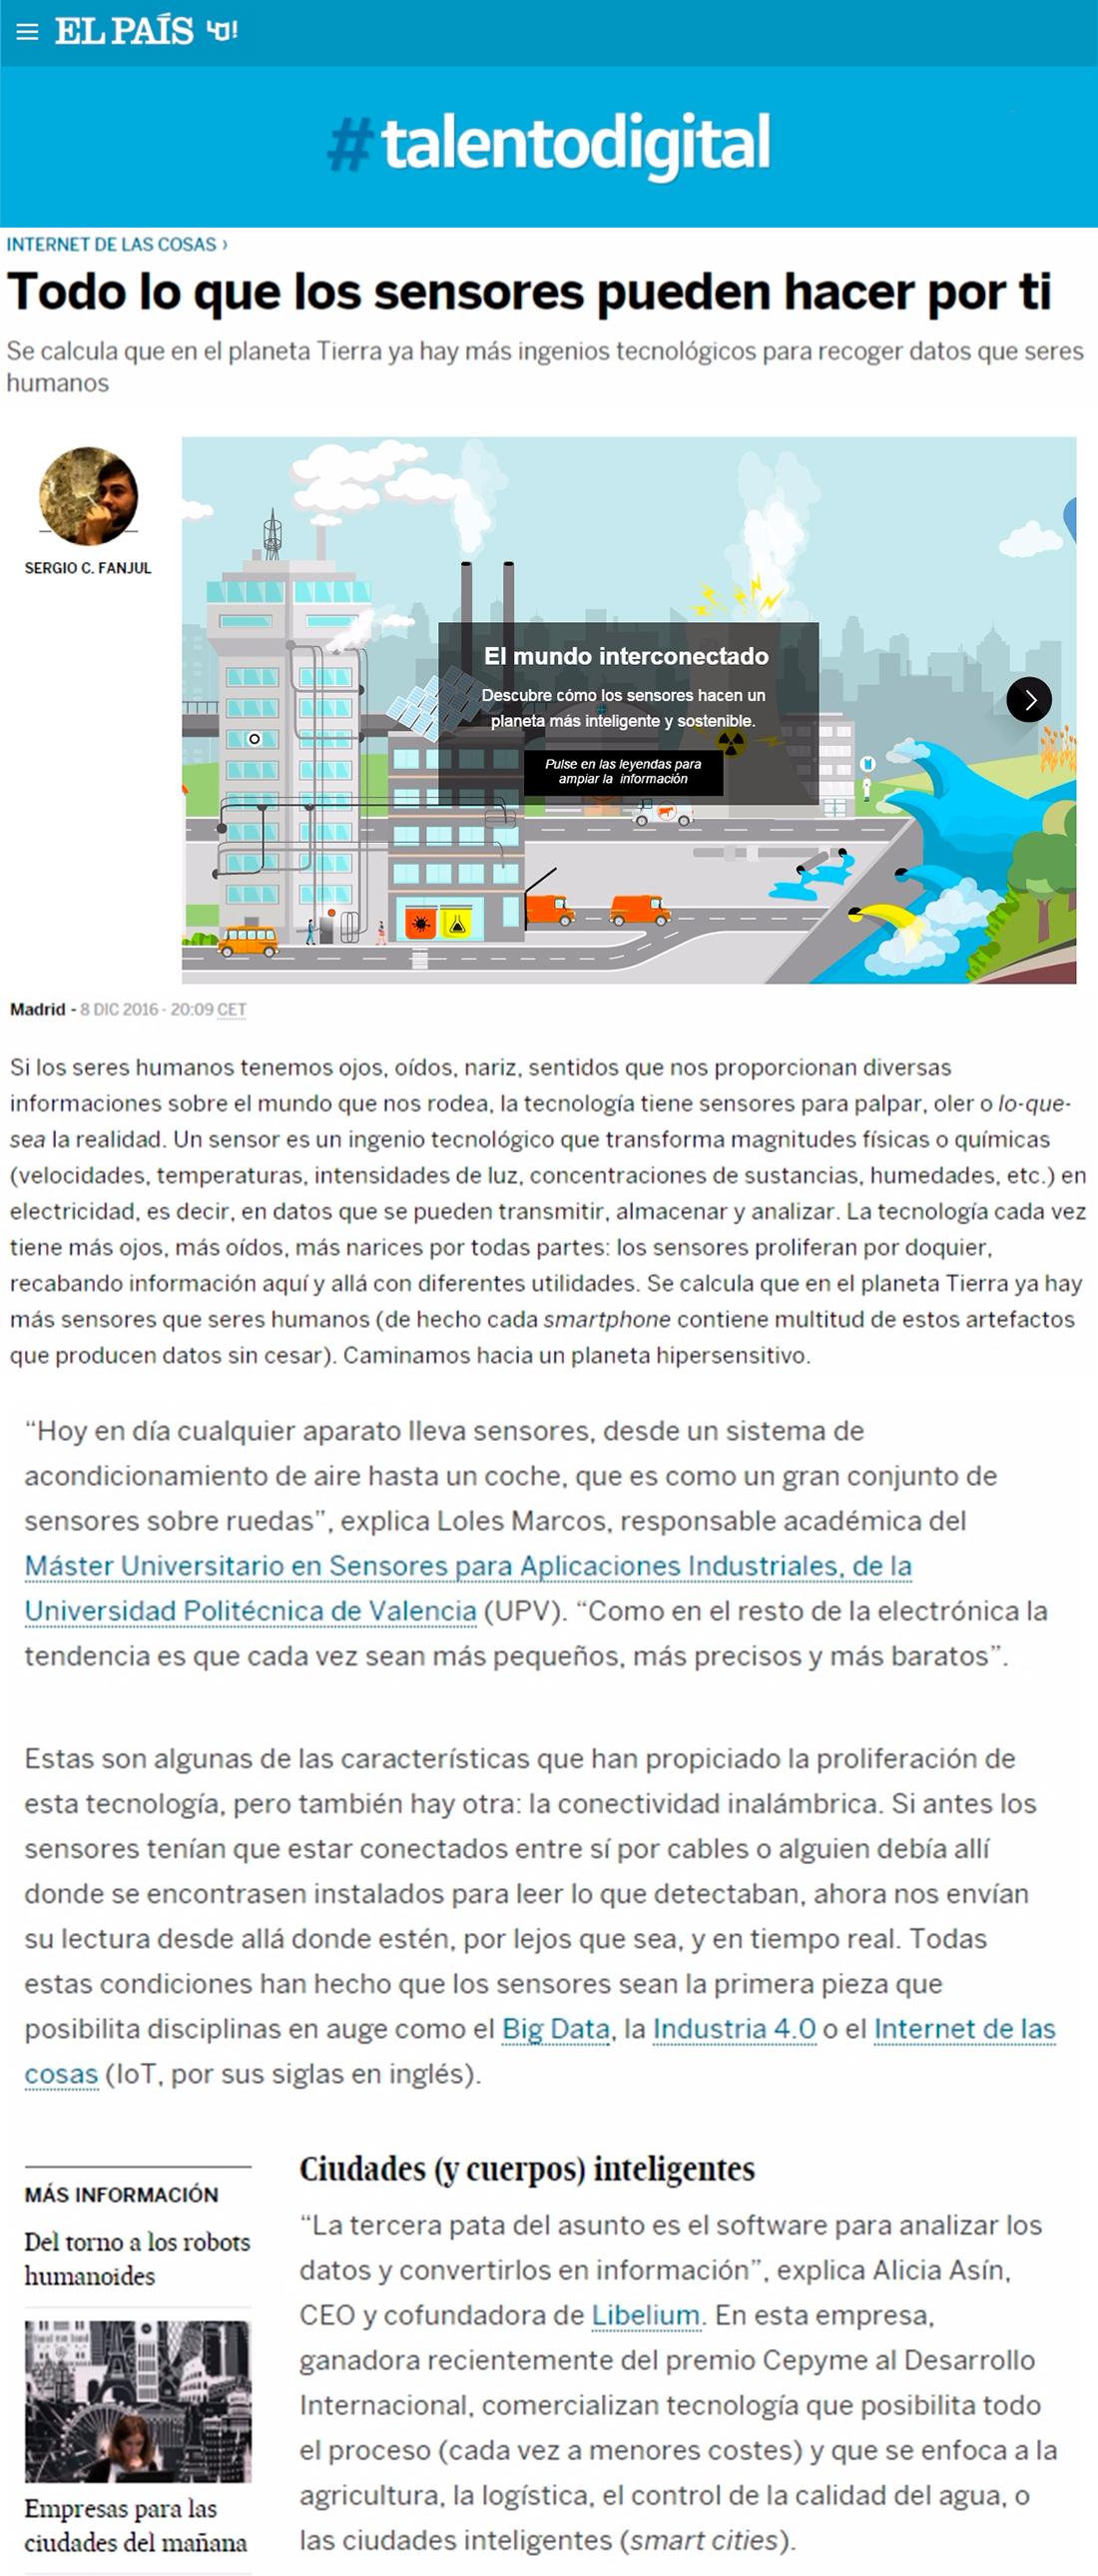 El País – Smart Cities: Todo lo que los sensores pueden hacer por ti